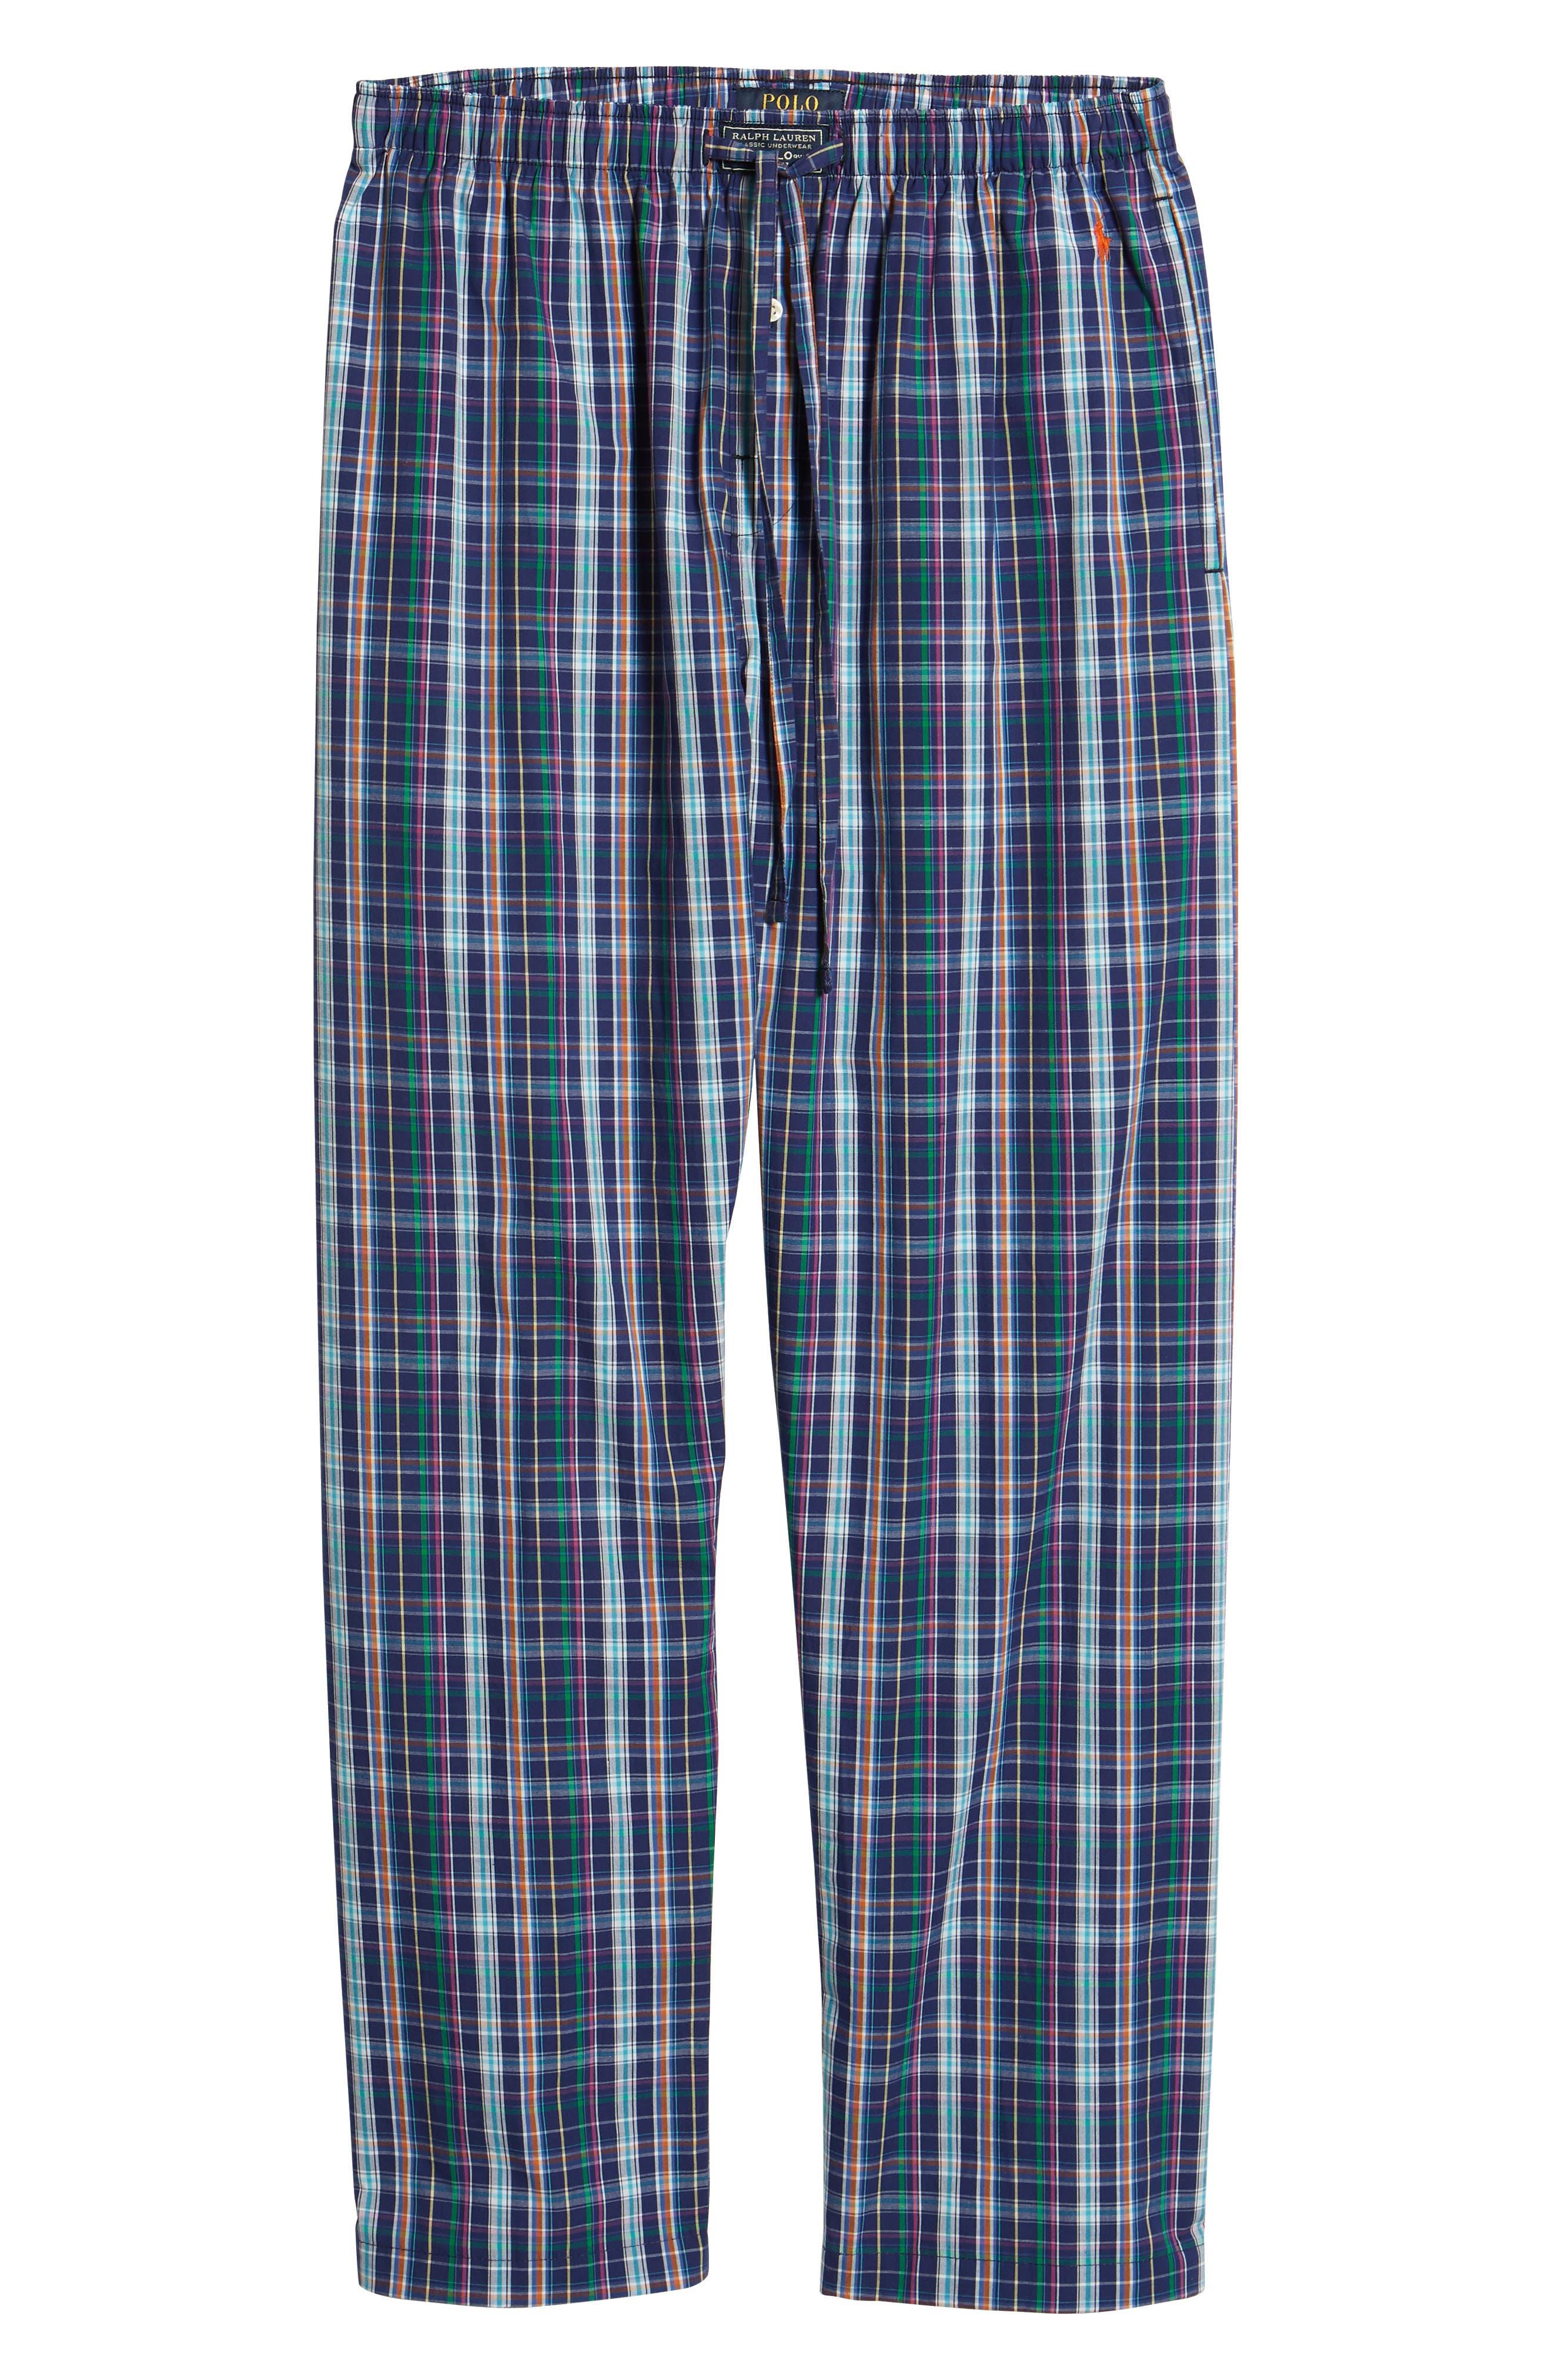 Cotton Lounge Pants,                             Alternate thumbnail 6, color,                             423